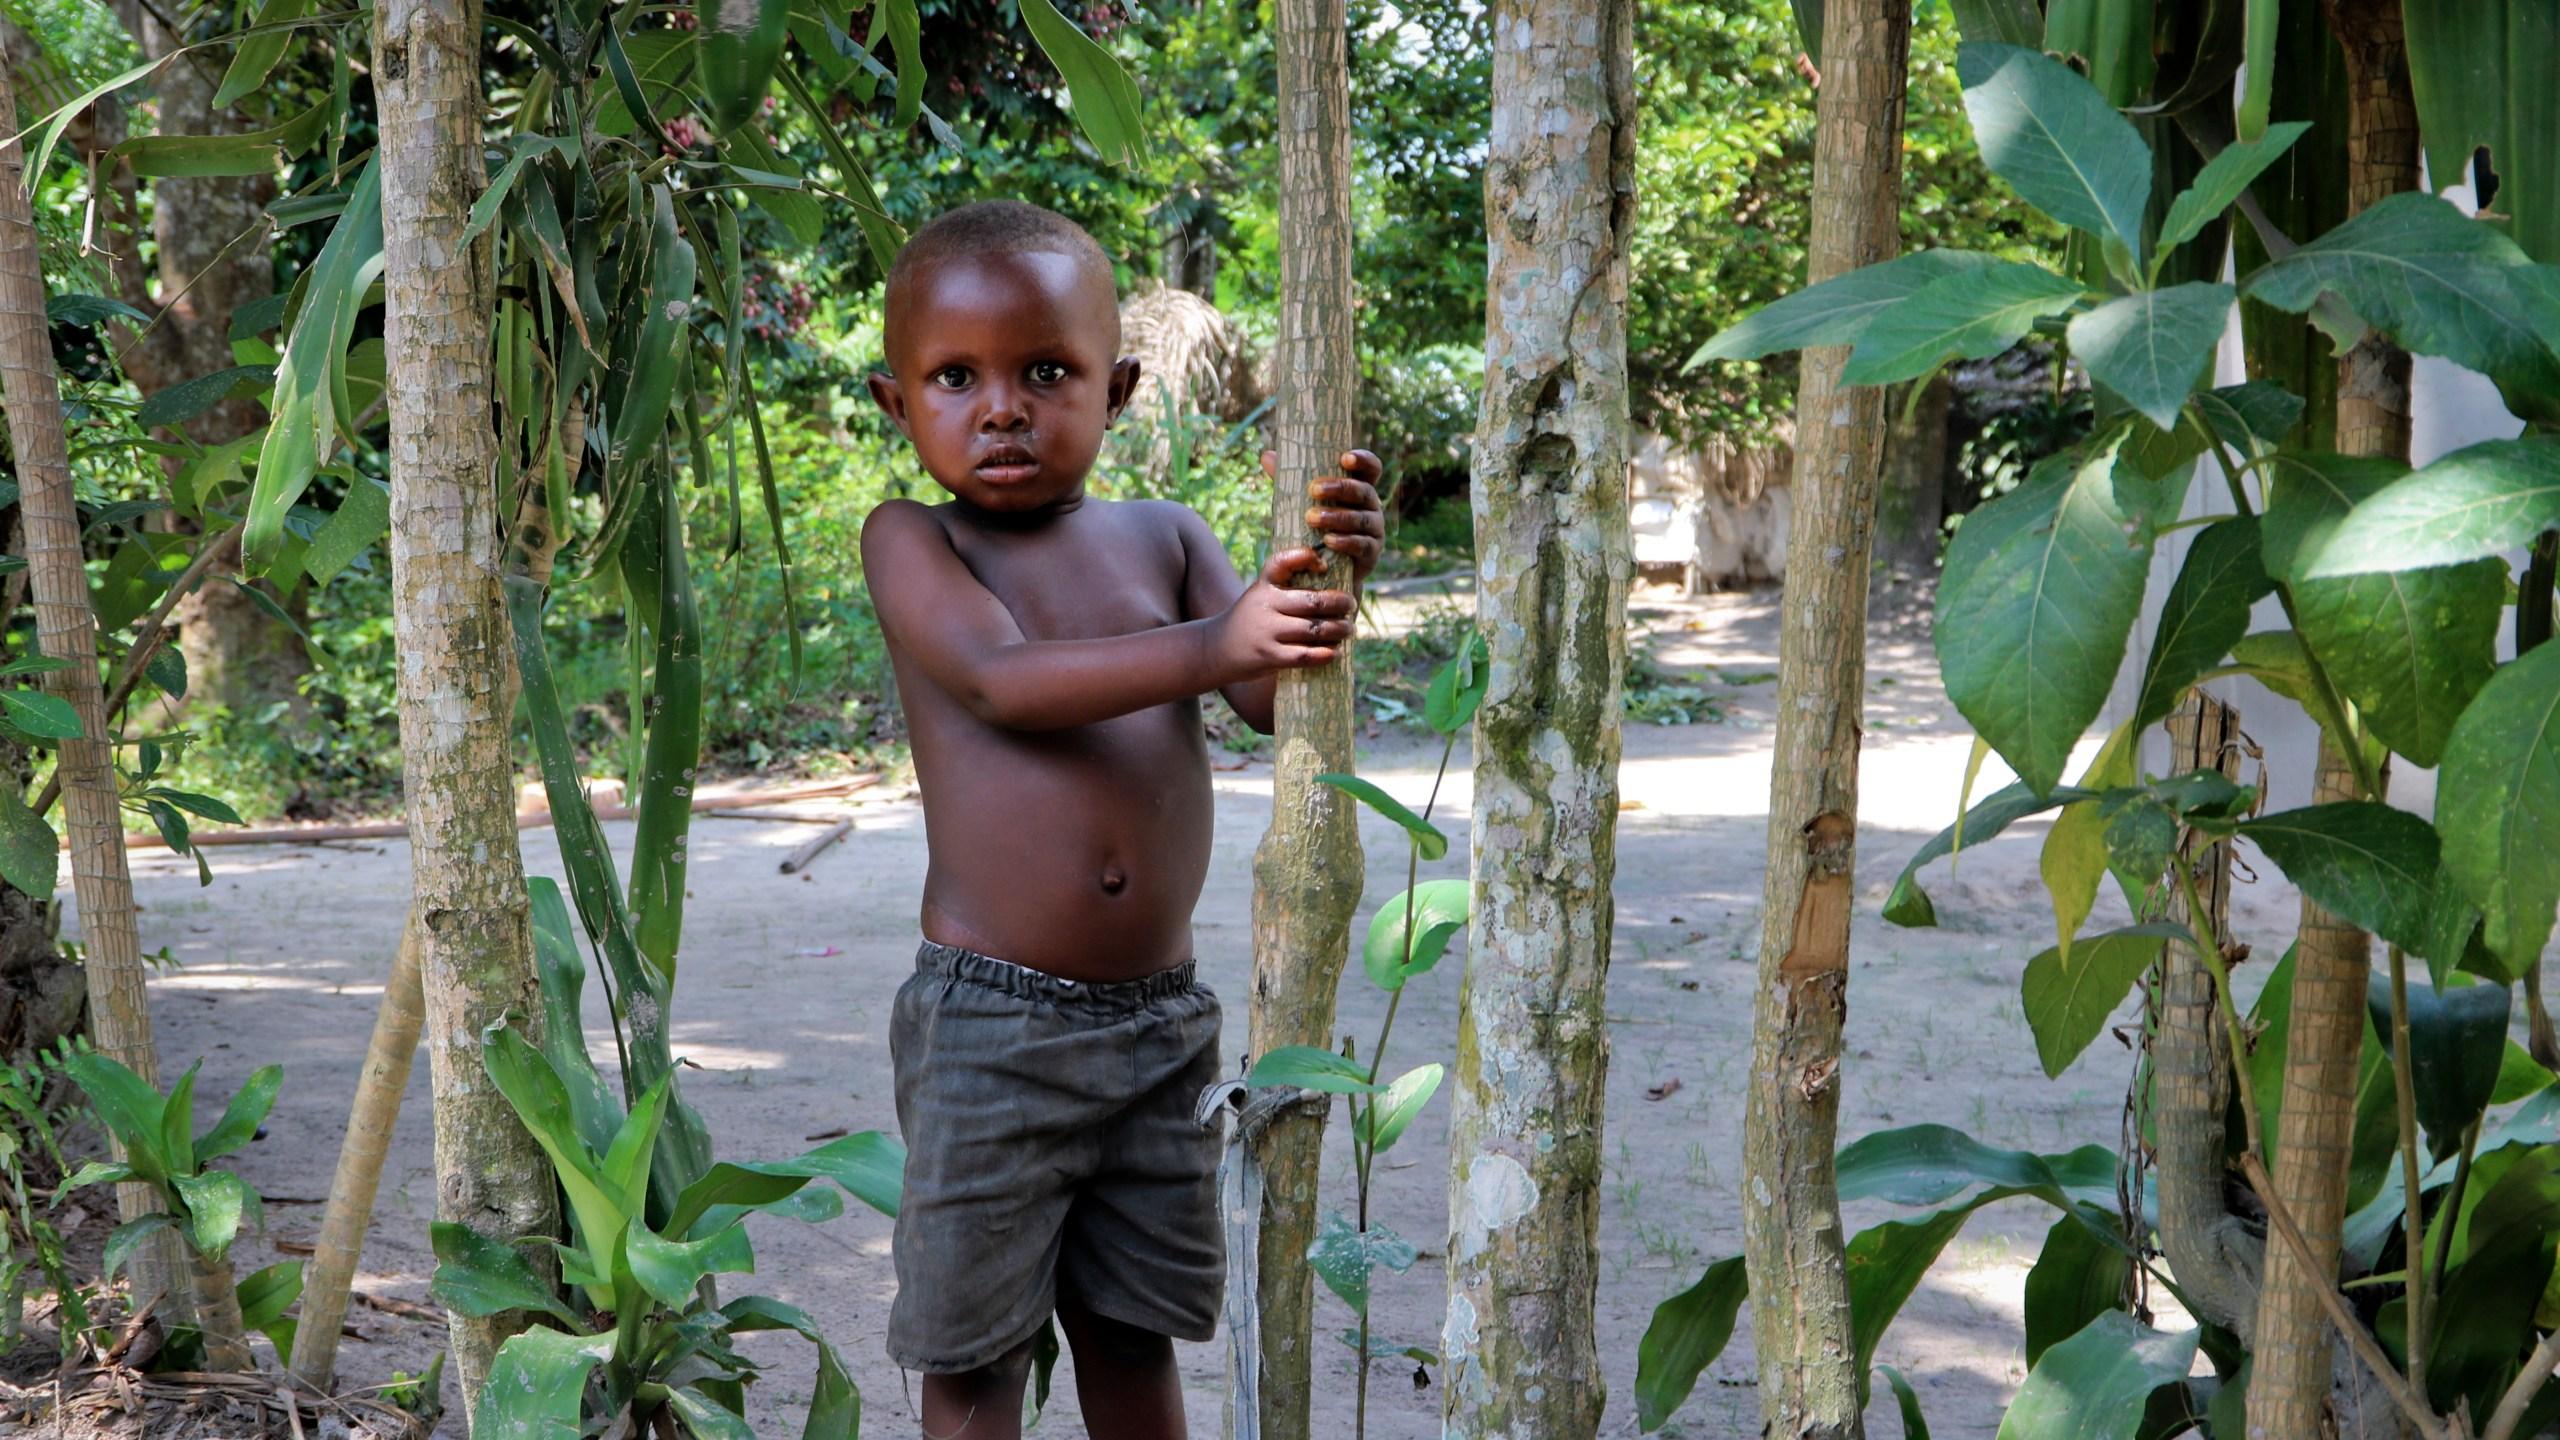 Congo_Ebola_Vaccine_Stopping_a_Killer_45003-159532.jpg18558348